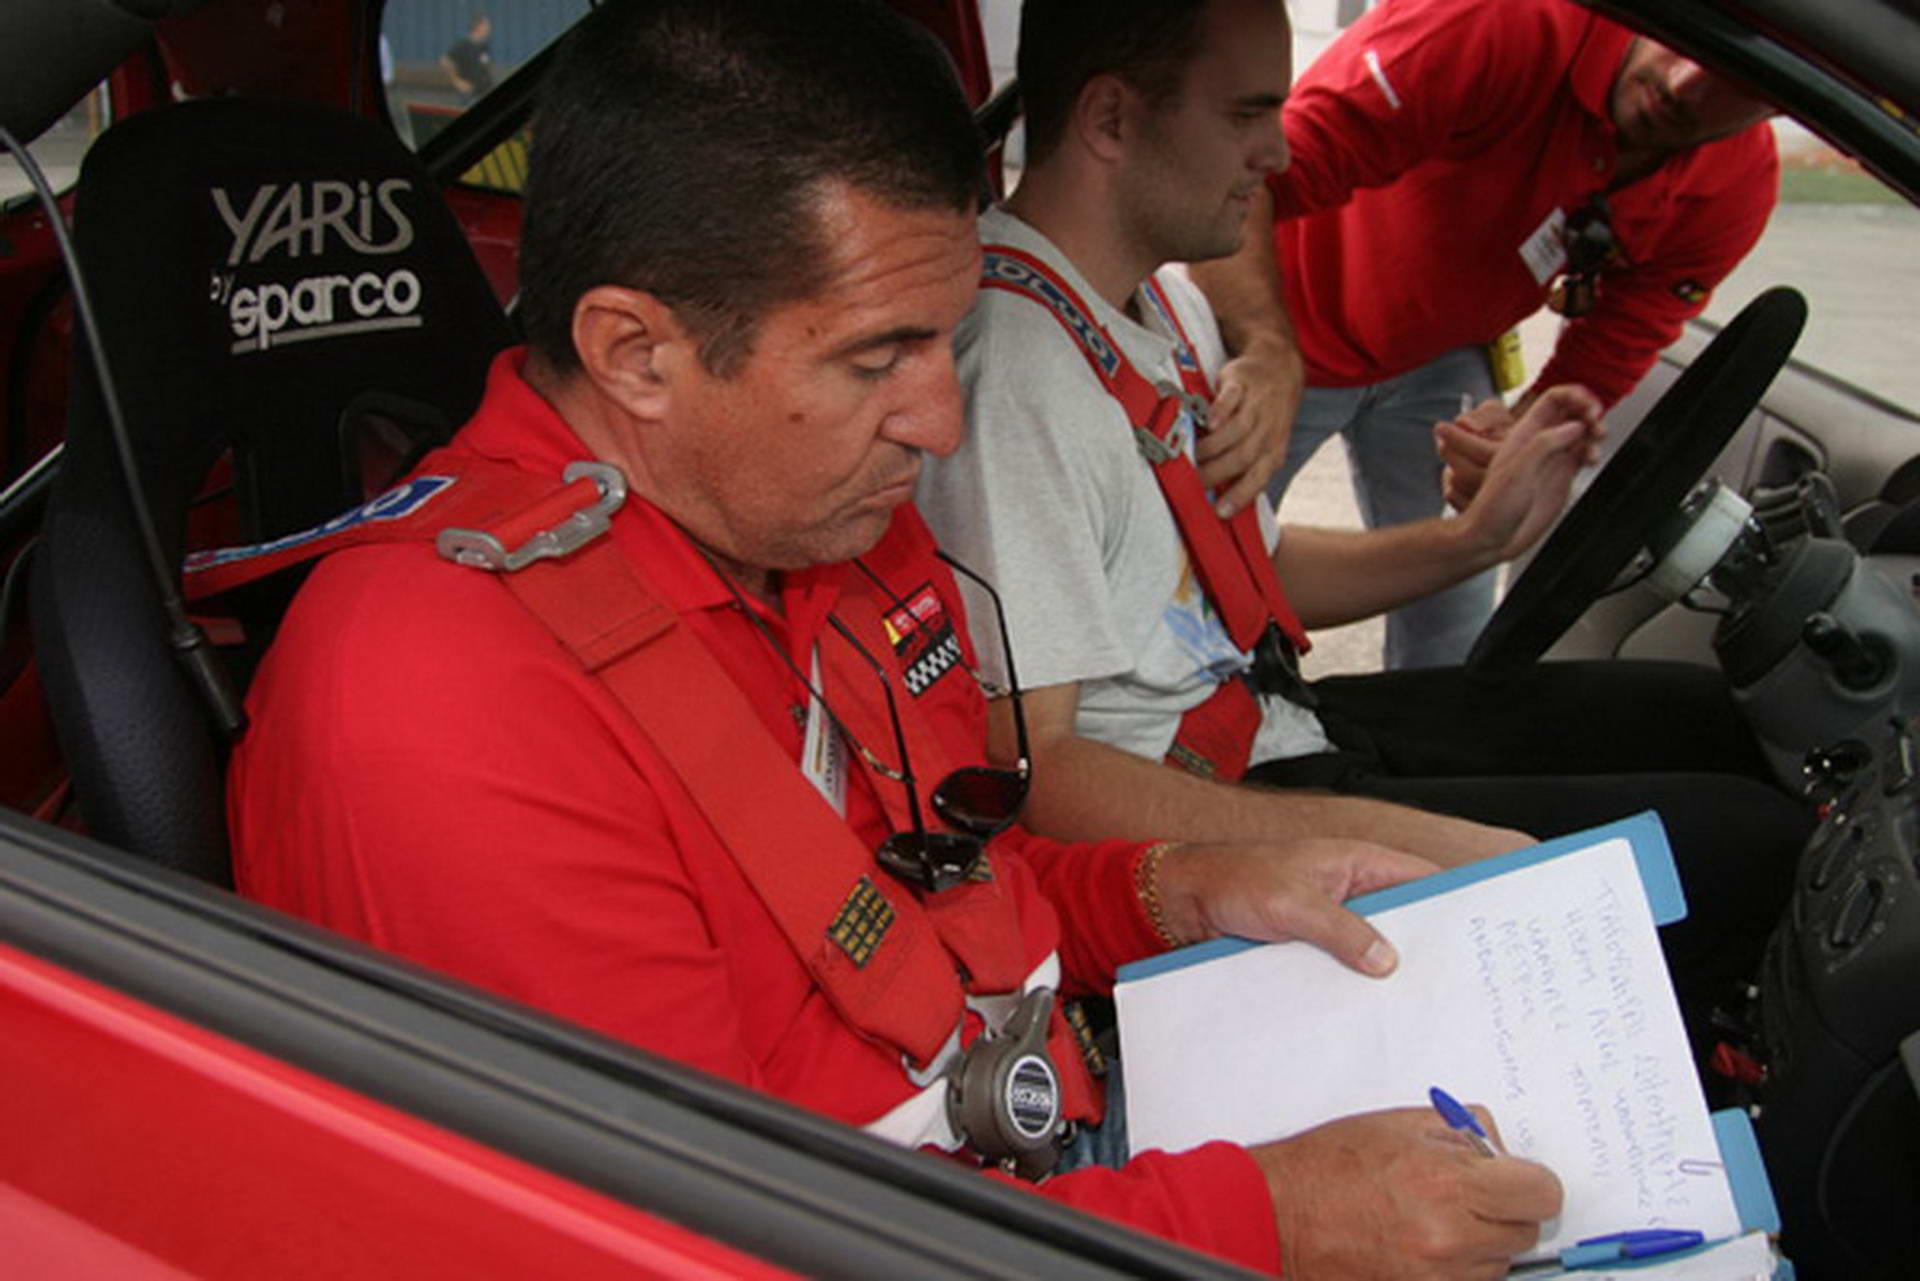 Manolis Panagiotopoulos